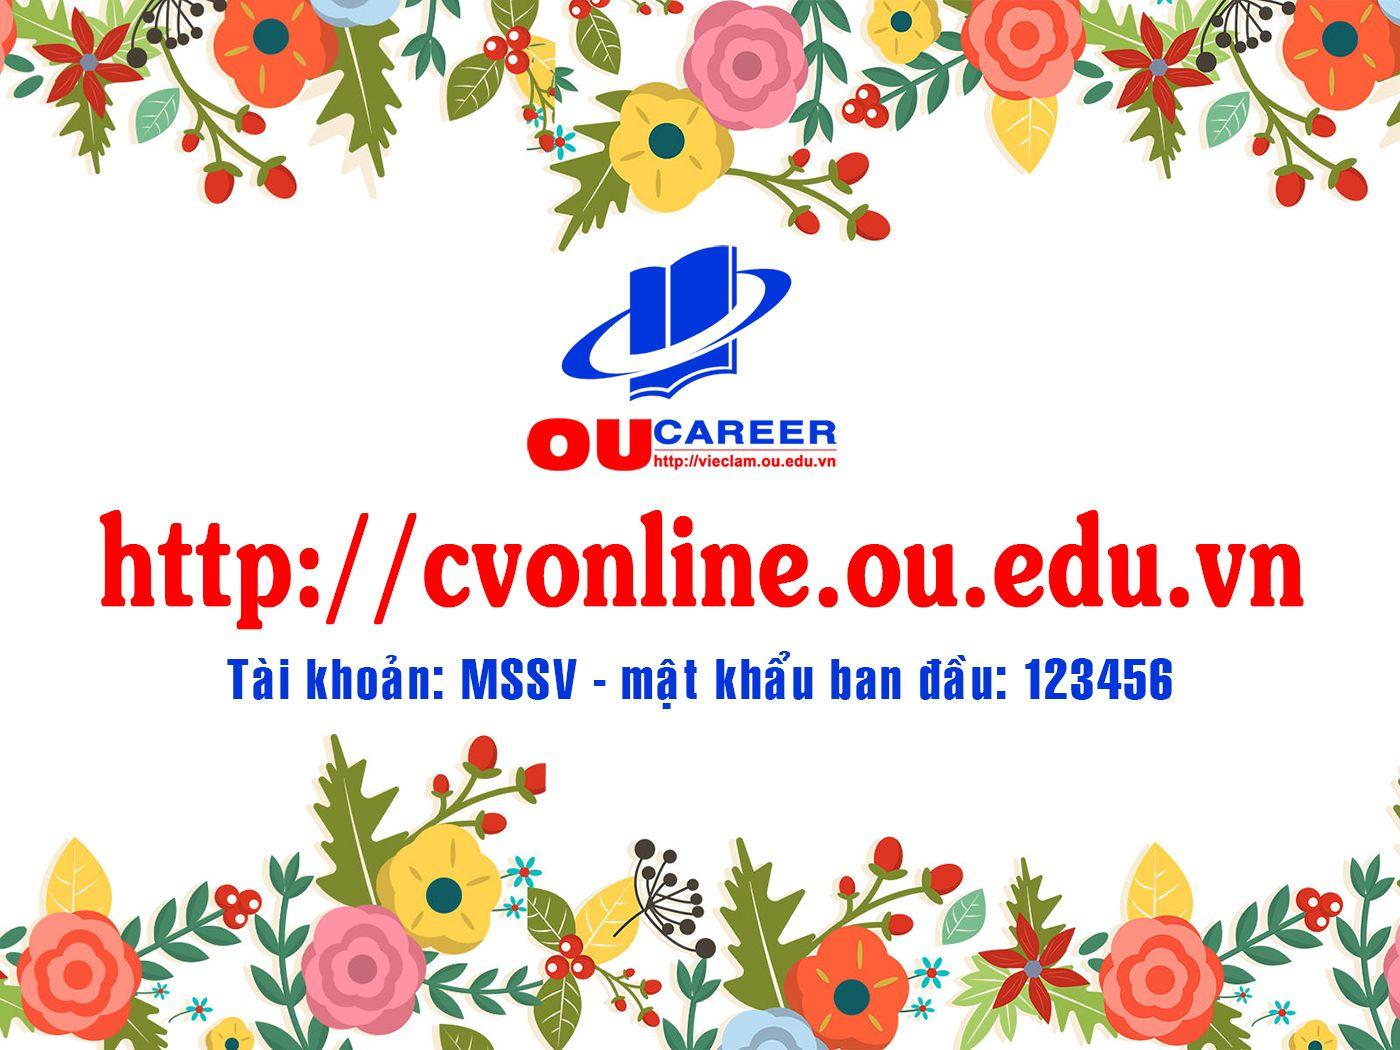 Hệ thống CVonline của Trường Đại học Mở Tp. Hồ Chí Minh